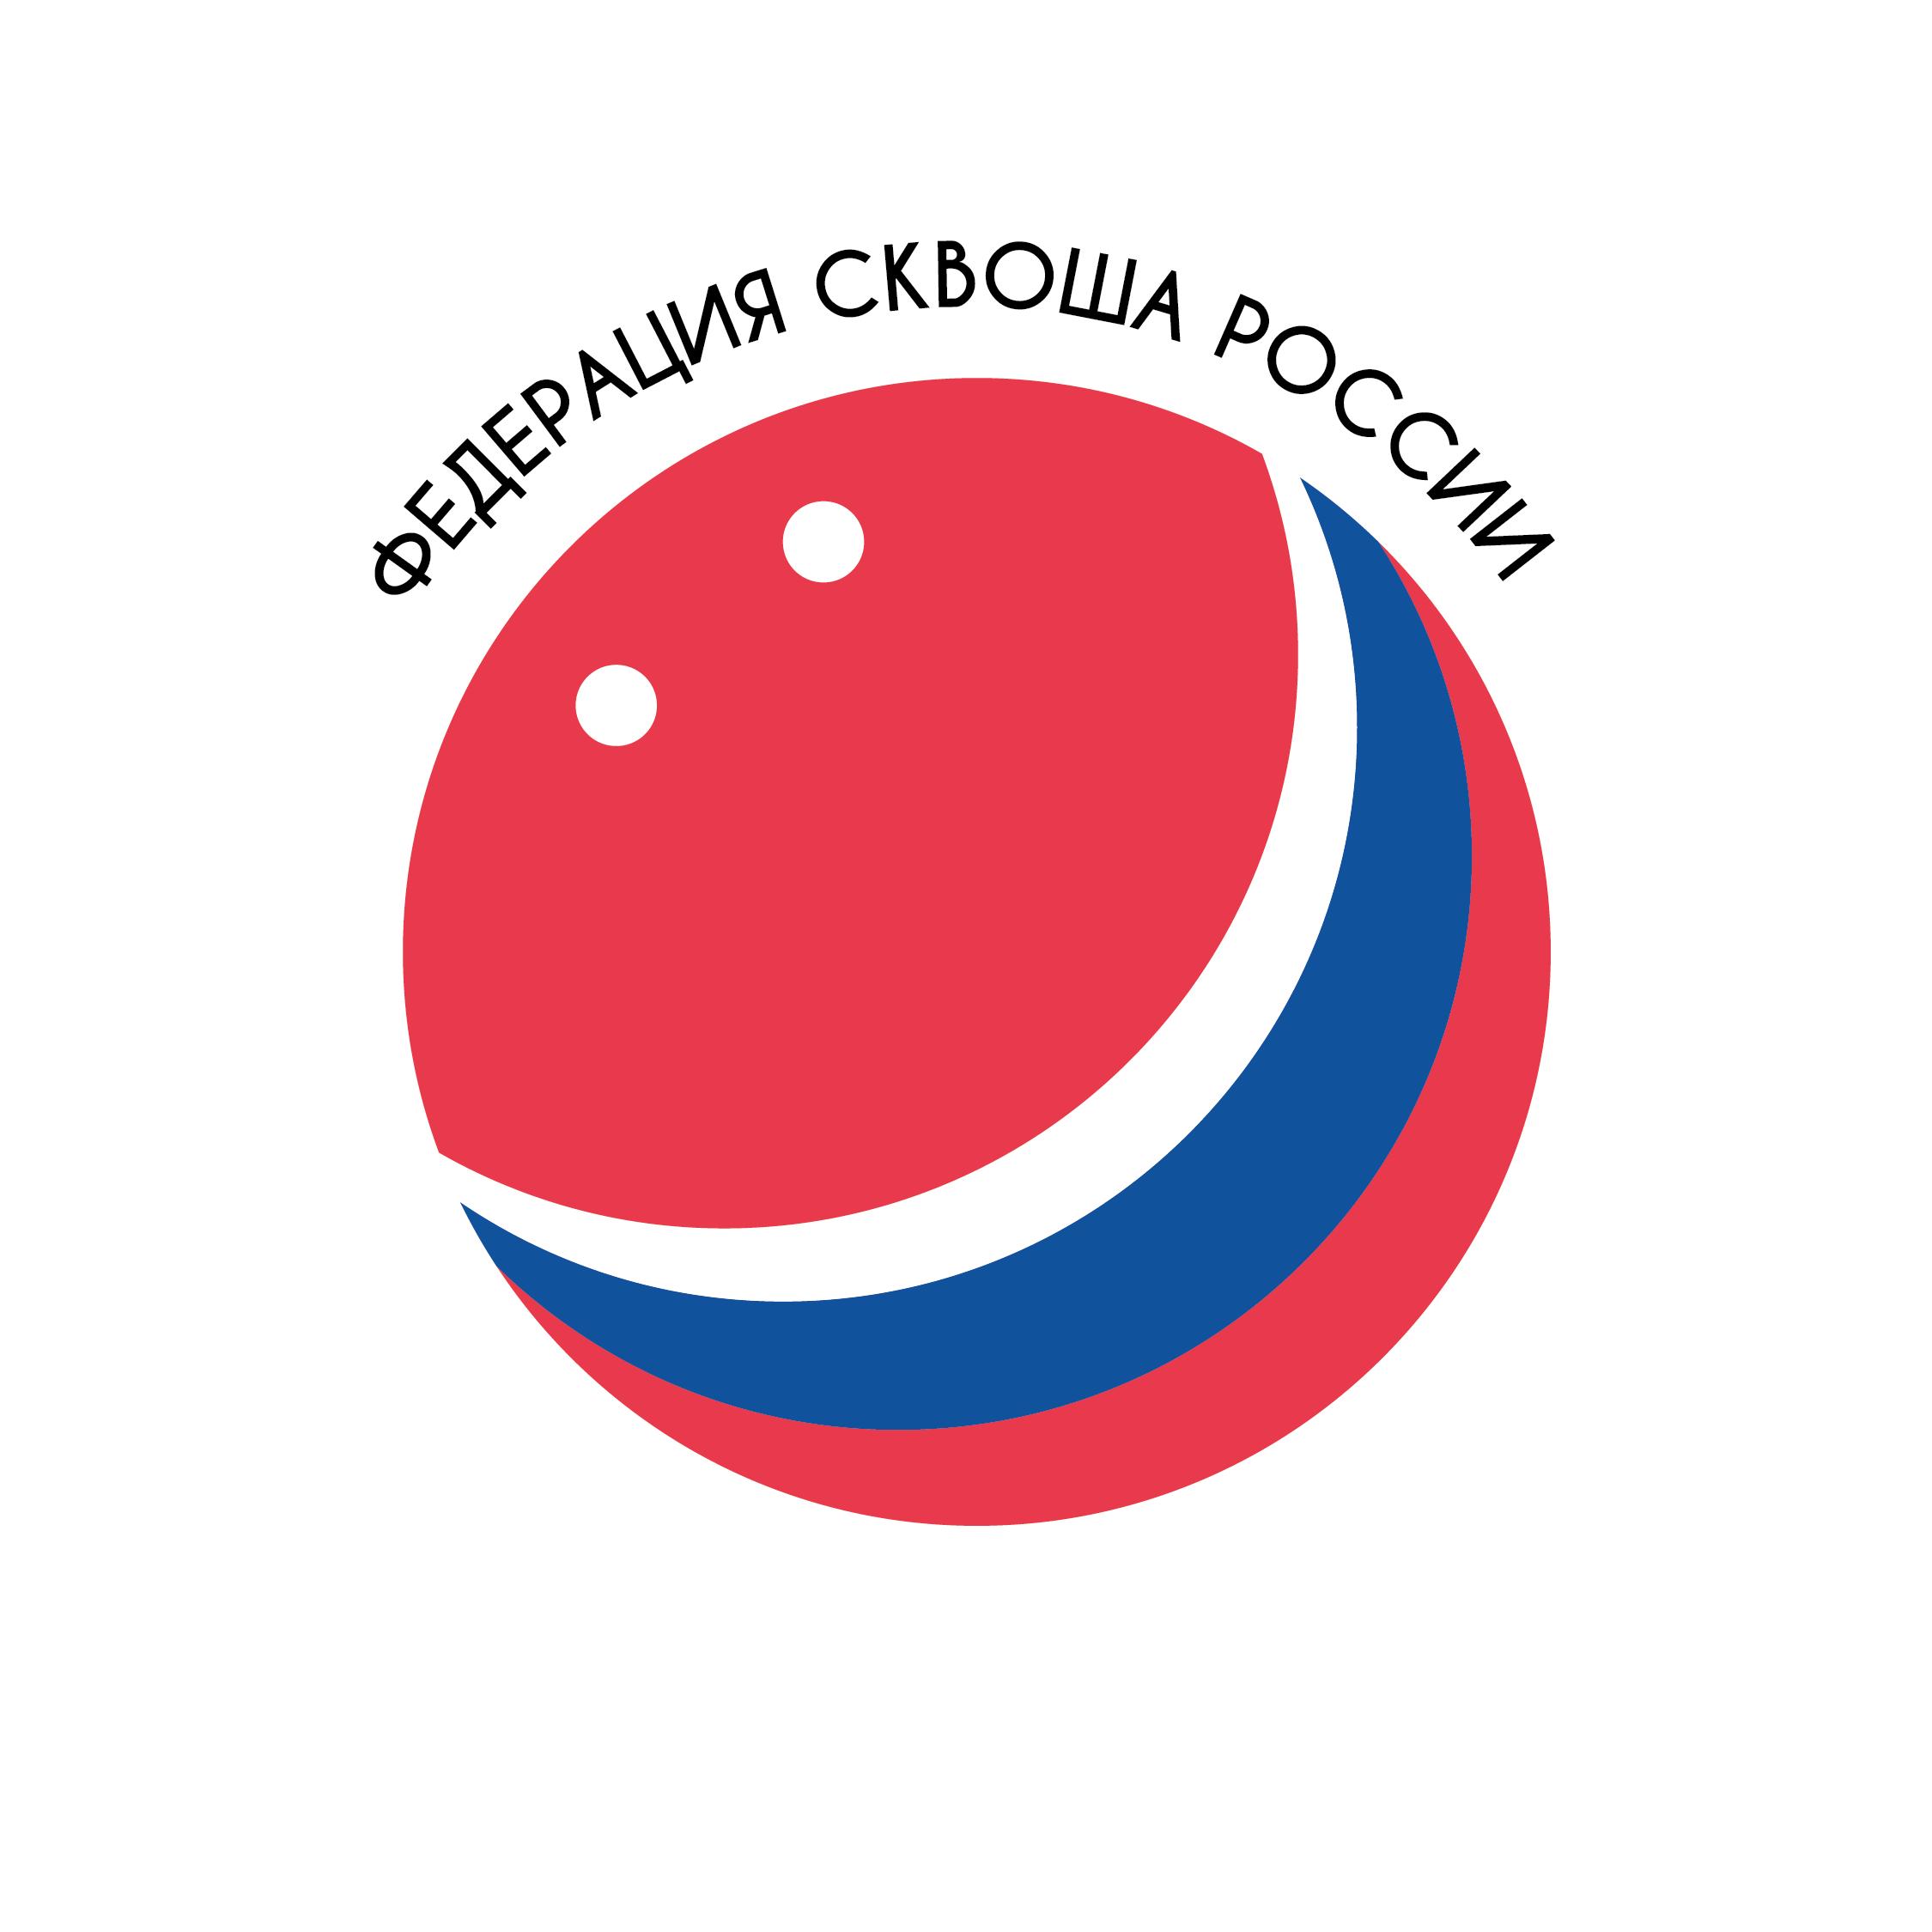 Разработать логотип для Федерации сквоша России фото f_9965f311bdcec2cf.png